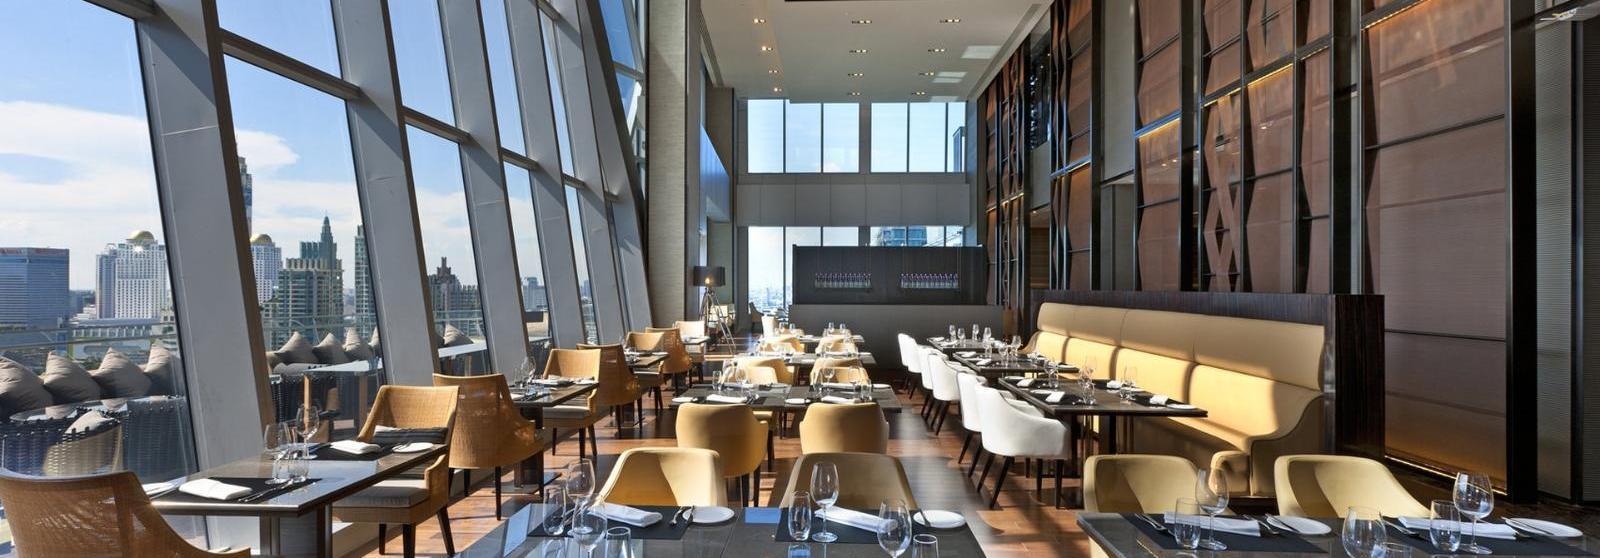 曼谷大仓新颐酒店(The Okura Prestige Bangkok) 高层餐厅图片  www.lhw.cn